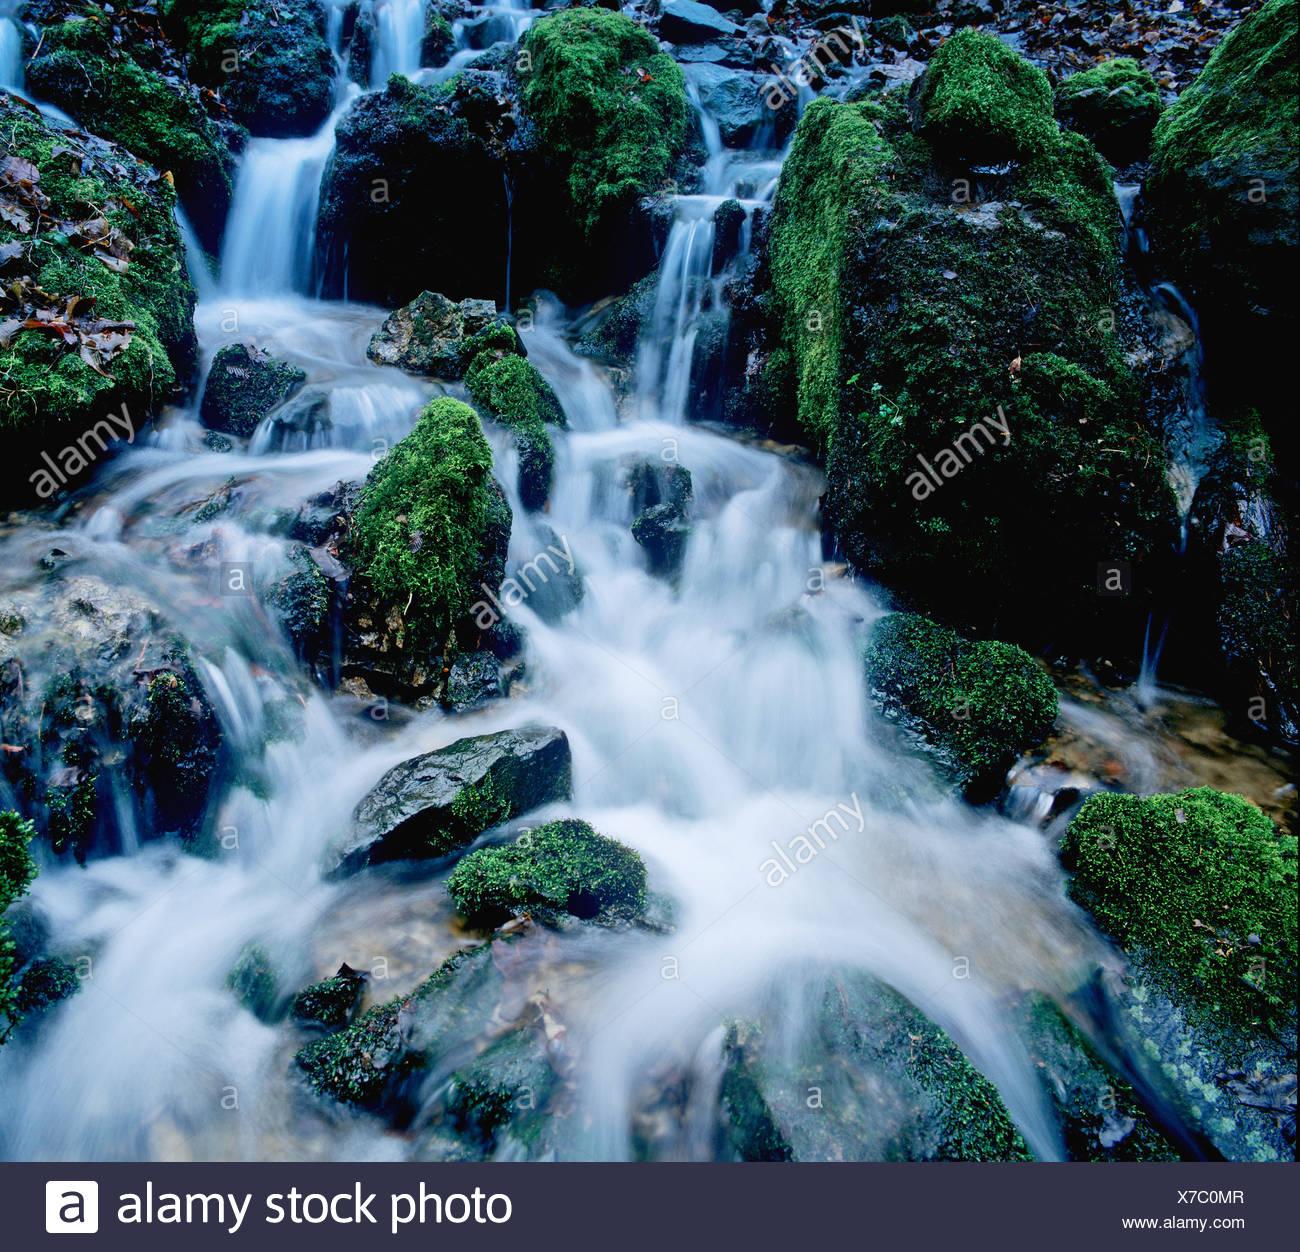 Feu de forêt moussue avec roches, eau, l'eau de fusion, Glasbach creek, Nordrhein-Westfalen, Germany, Europe Banque D'Images